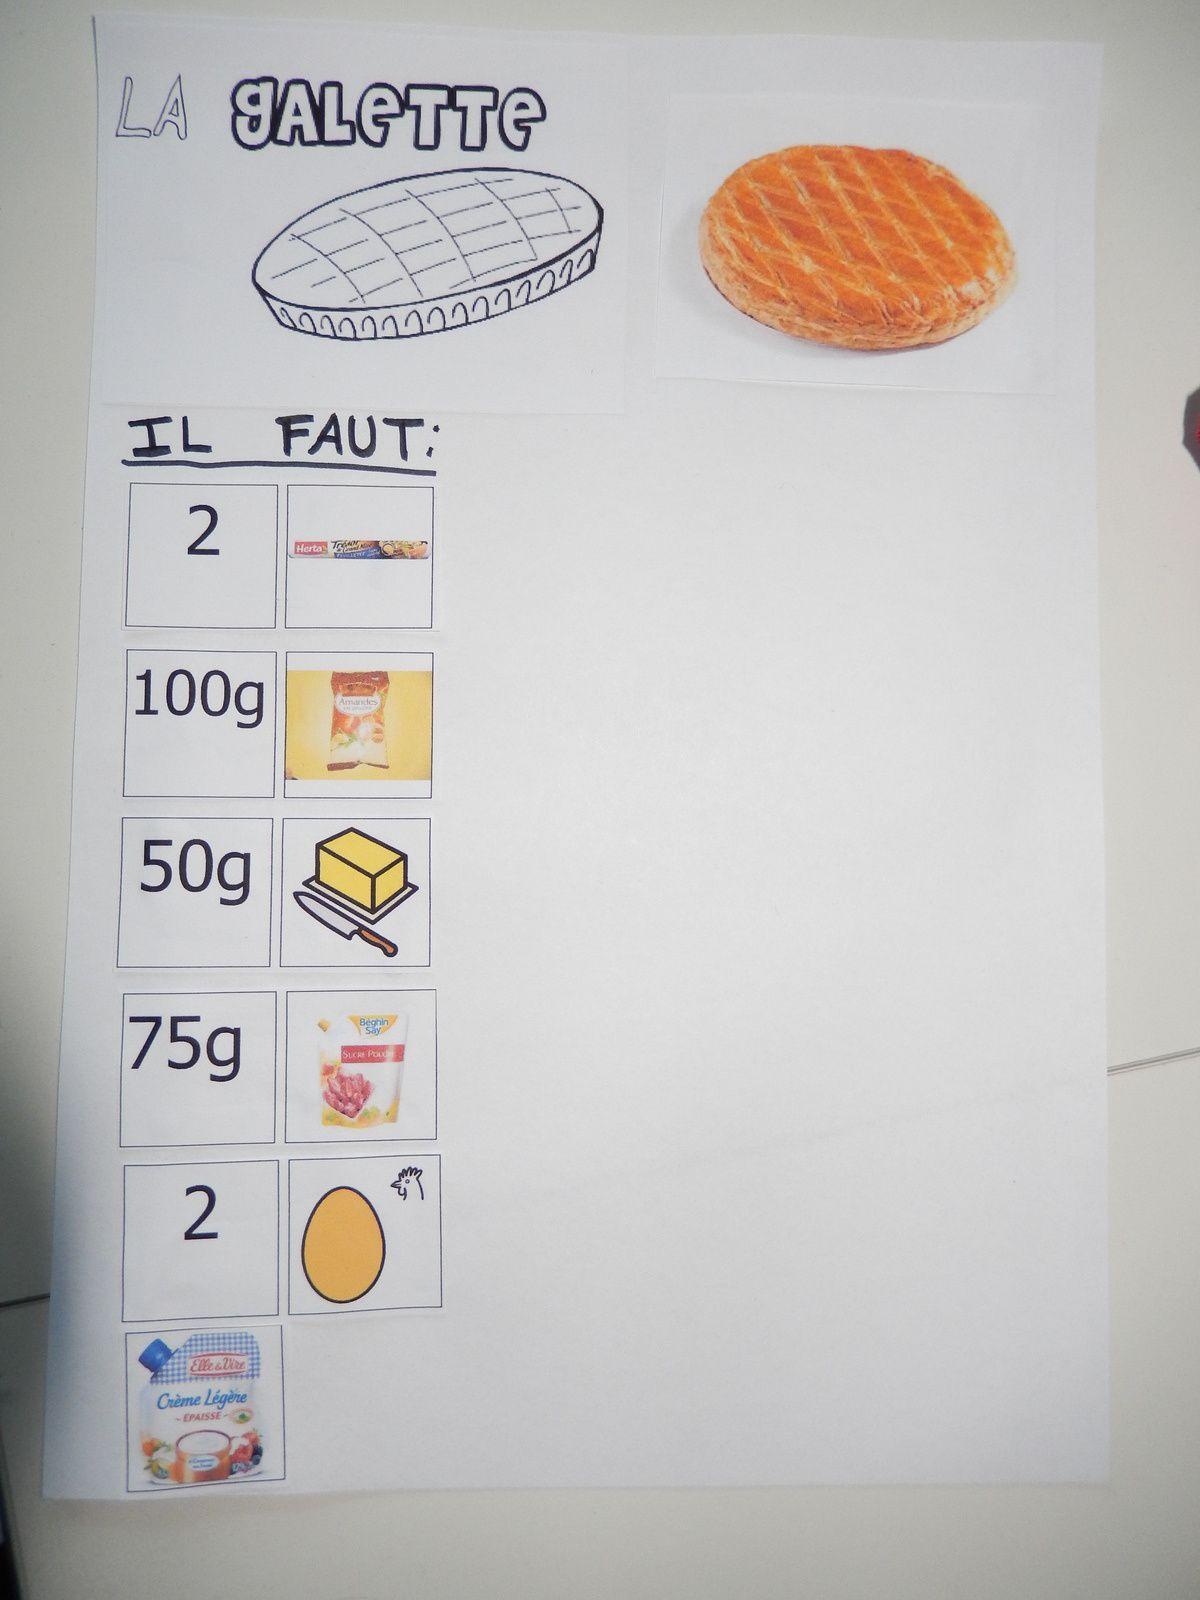 recette de la galette en pictogrammes